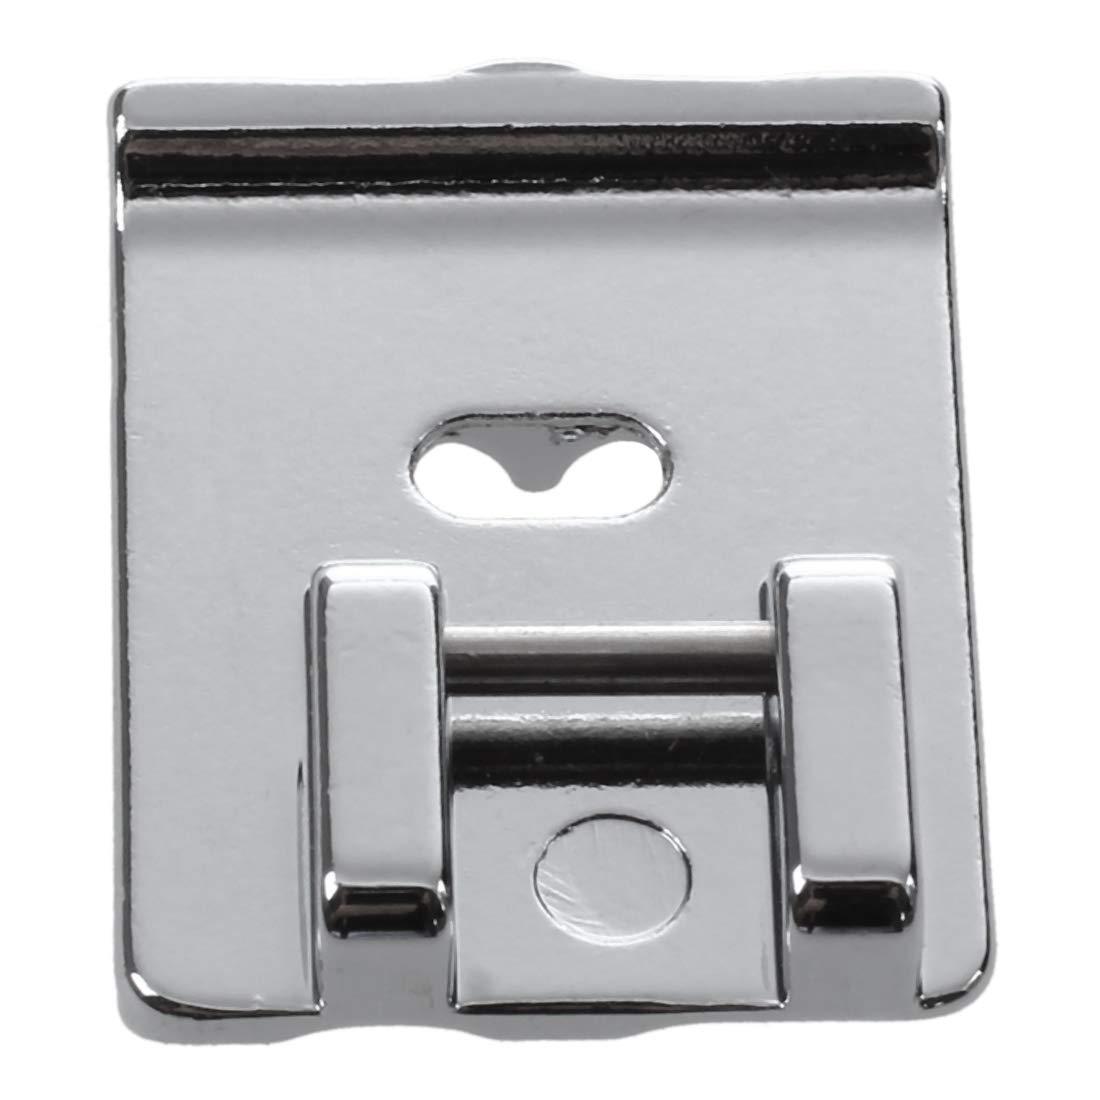 4 x 30 140 x 70 x 3 mm Scharnier mit Kugelenden gerade Edelstahl SS304 mit Schrauben aus Edelstahl